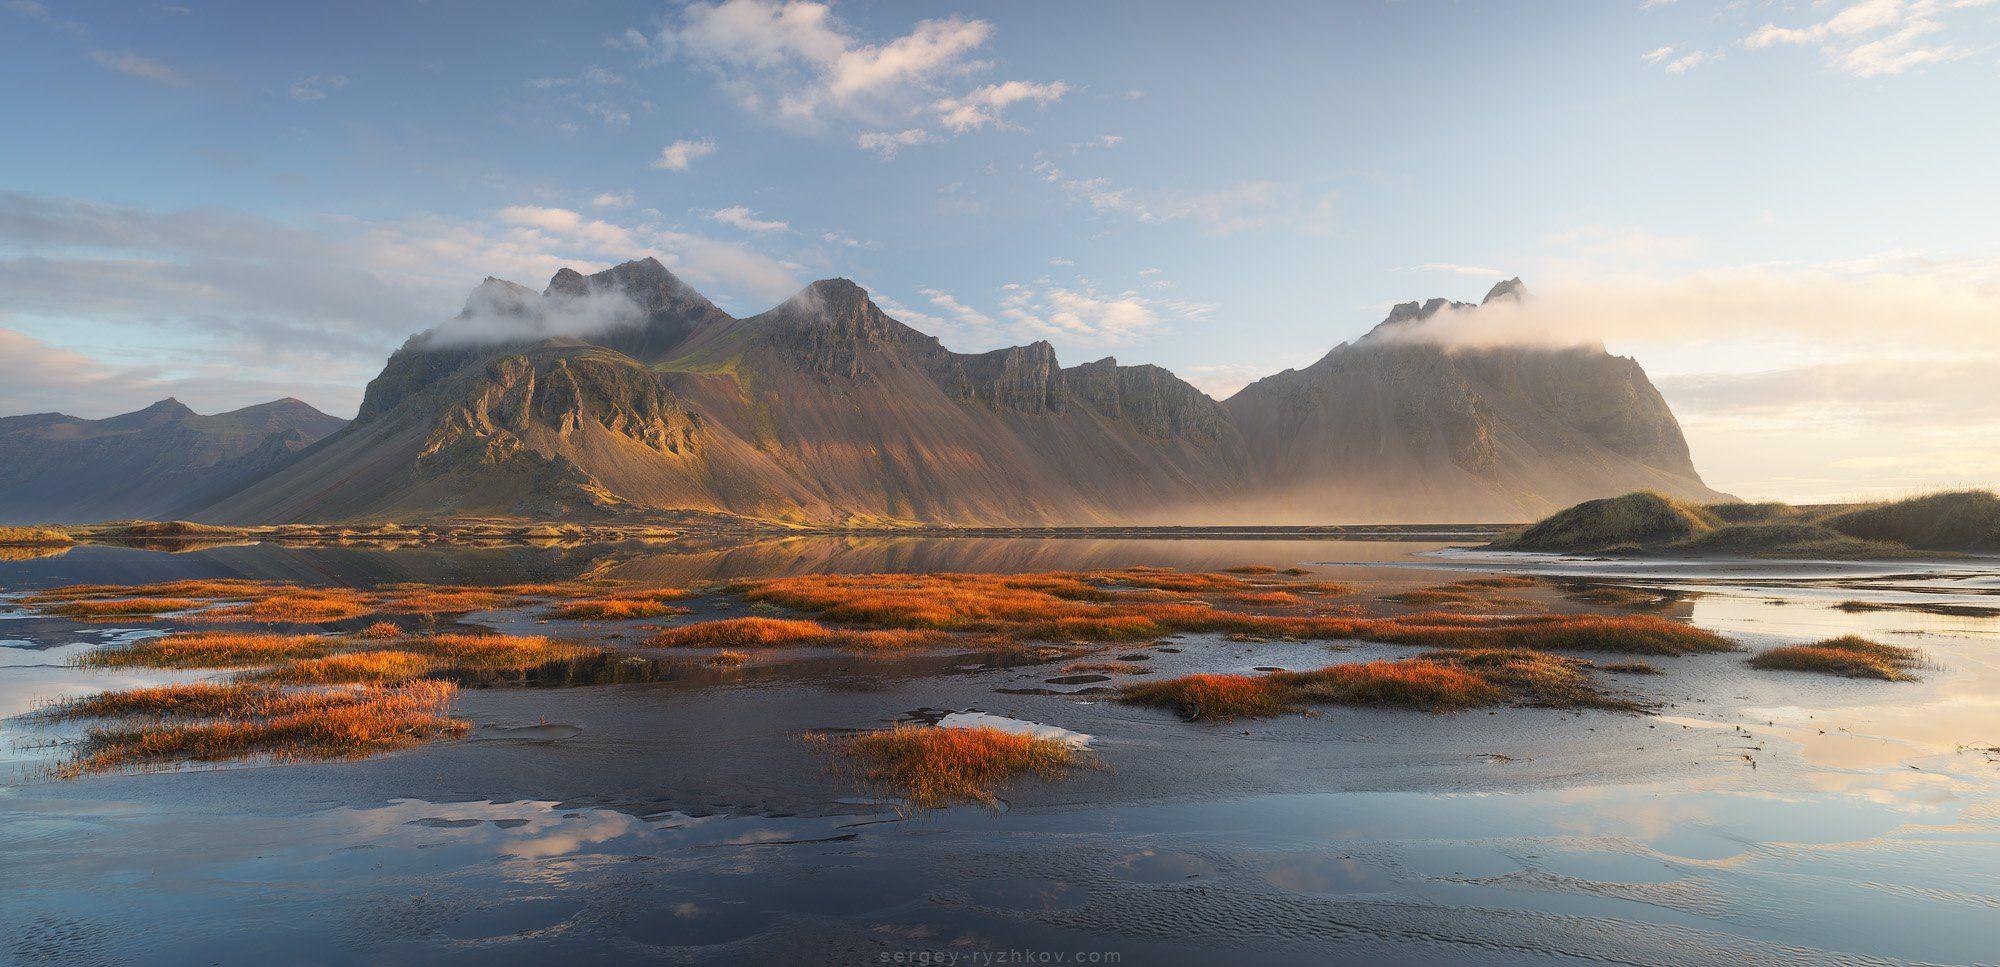 вестрахорн, исландия, пейзаж, природа, горы, панорама, iceland, stokksnes, vestrahorn, panorama, landscape, nature,, Сергей Рыжков